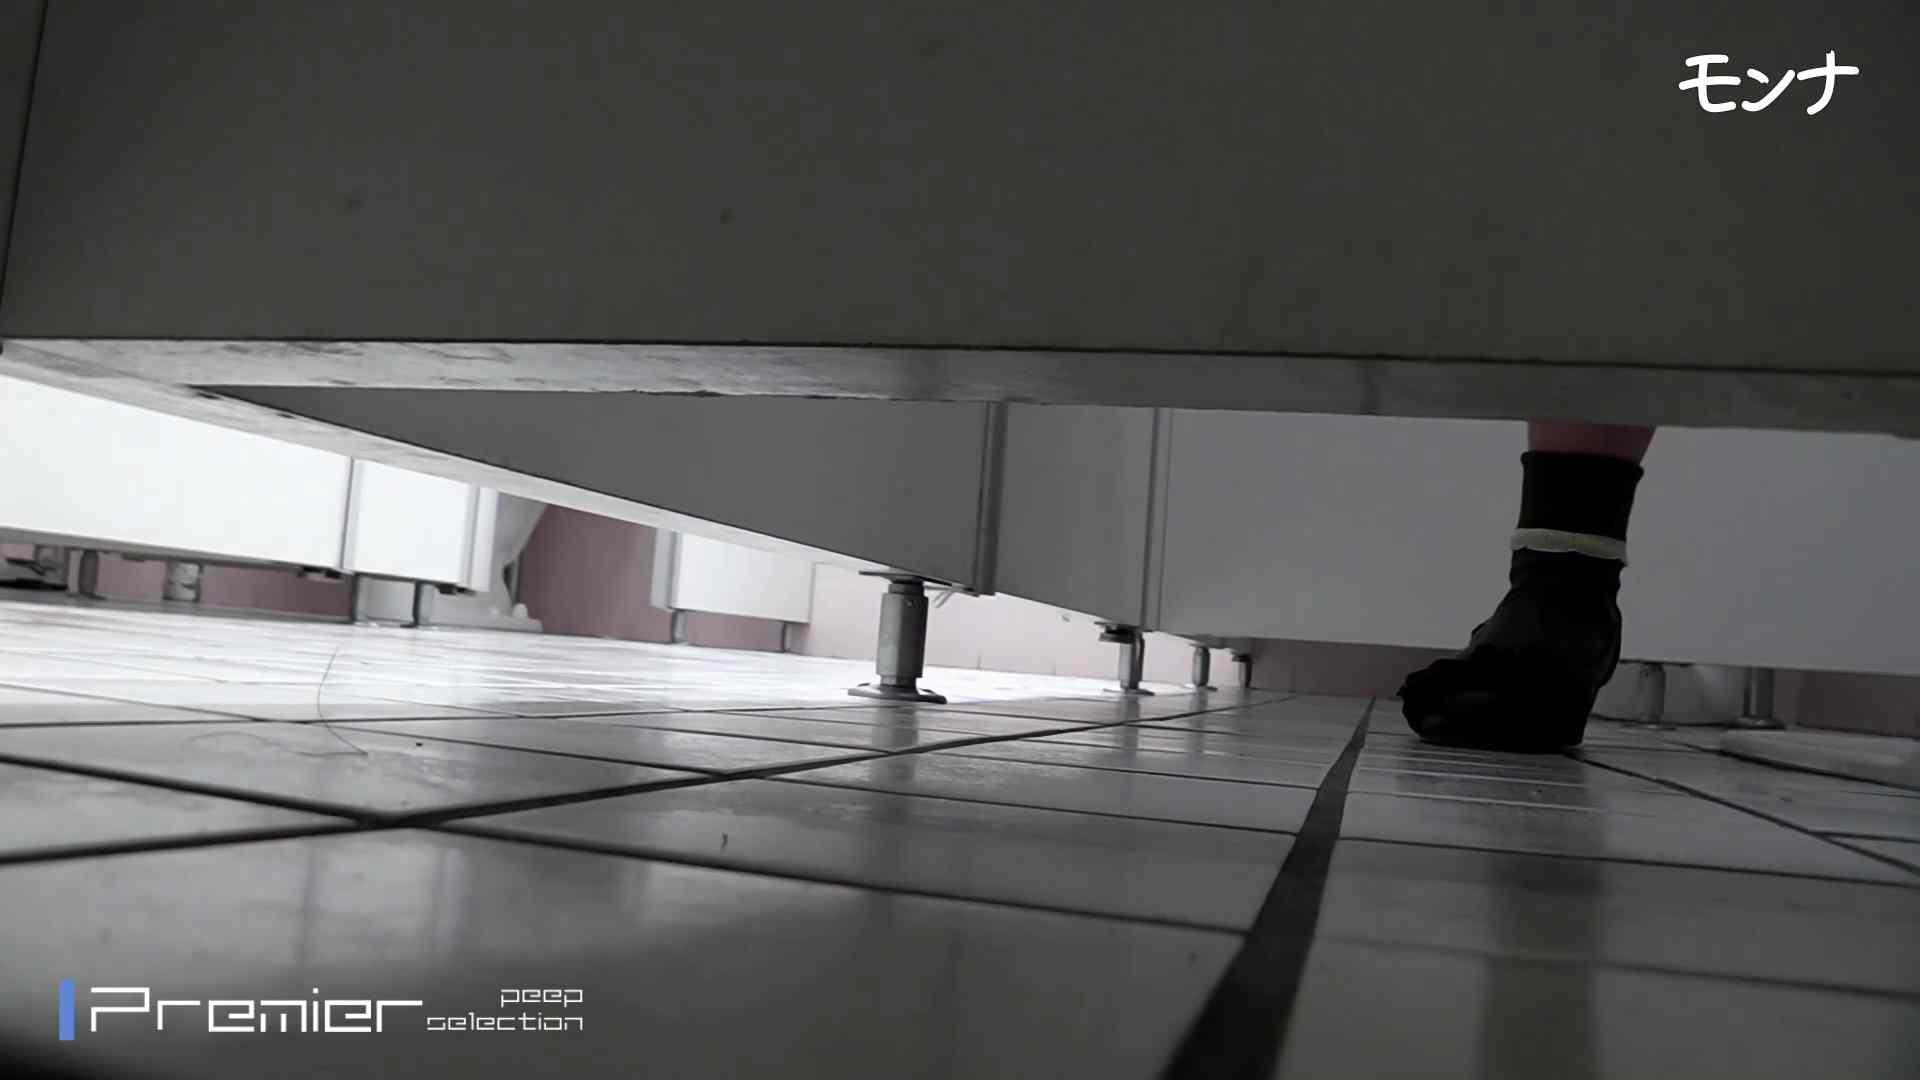 美しい日本の未来 No.84この美脚と距離感 盗撮 AV動画キャプチャ 68PIX 7